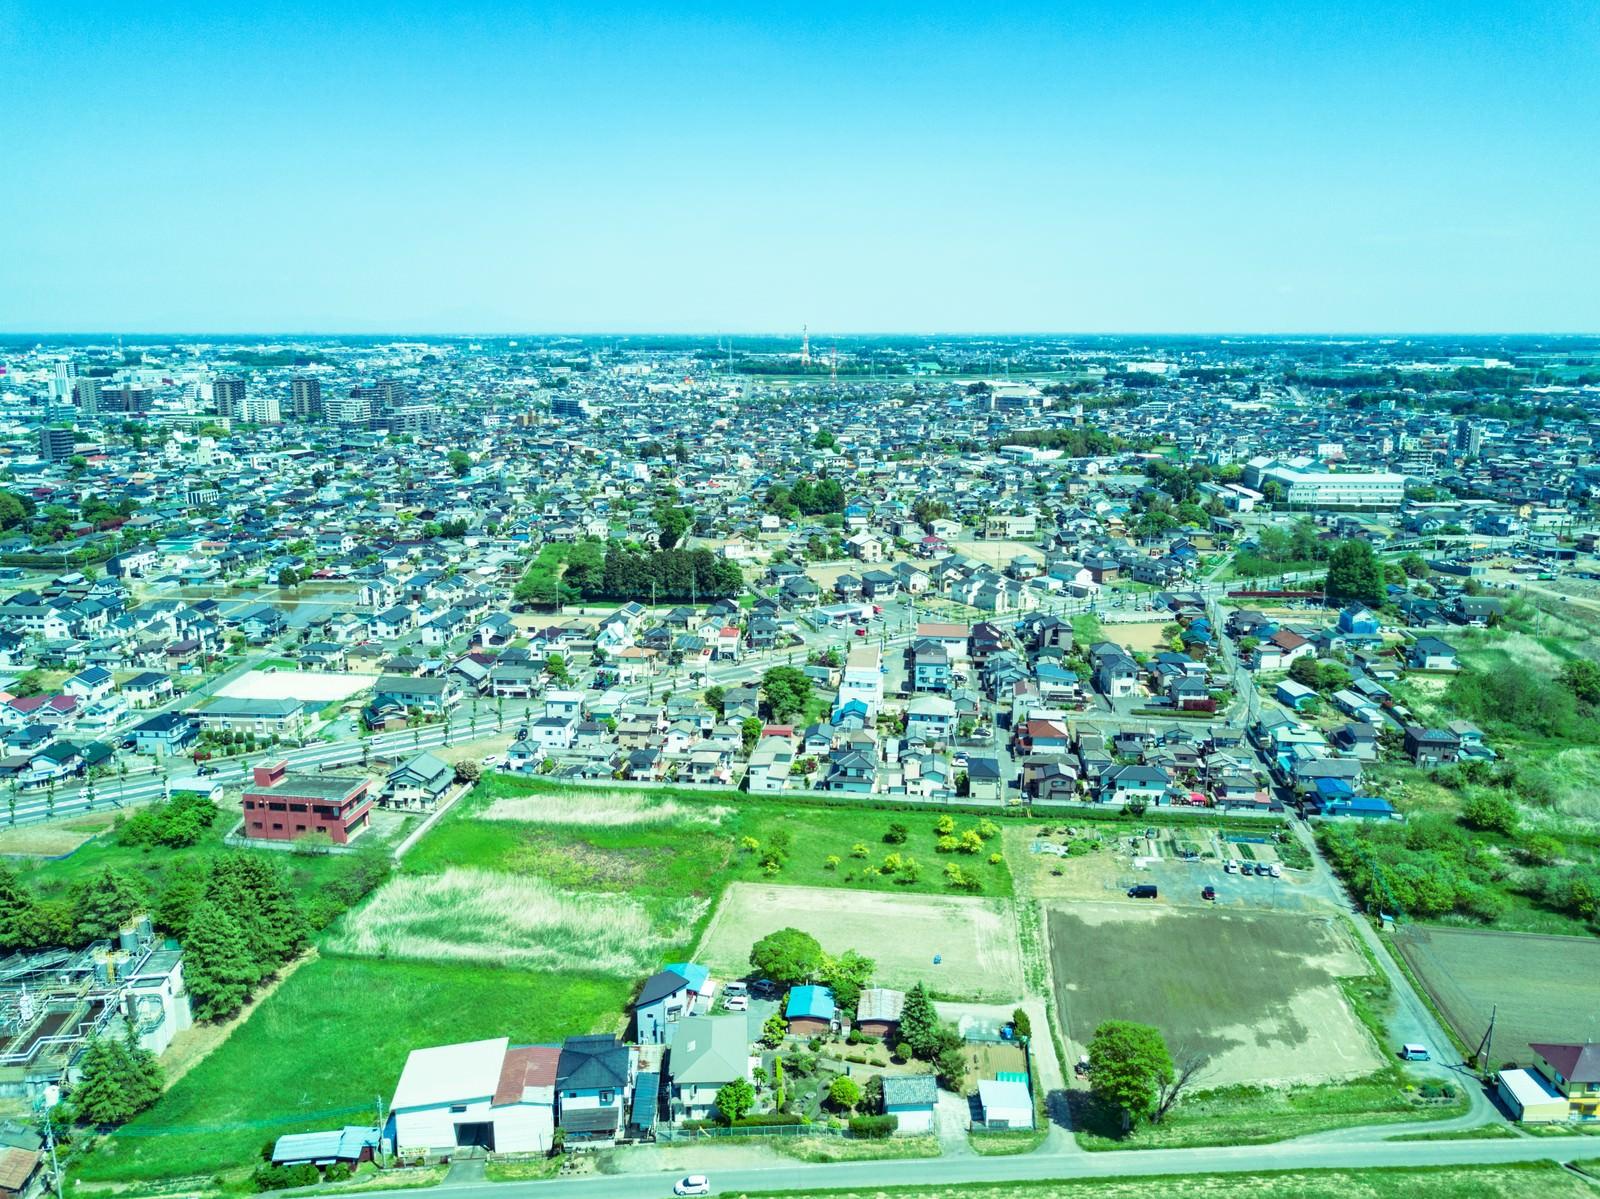 「上空100m付近の街並み」の写真